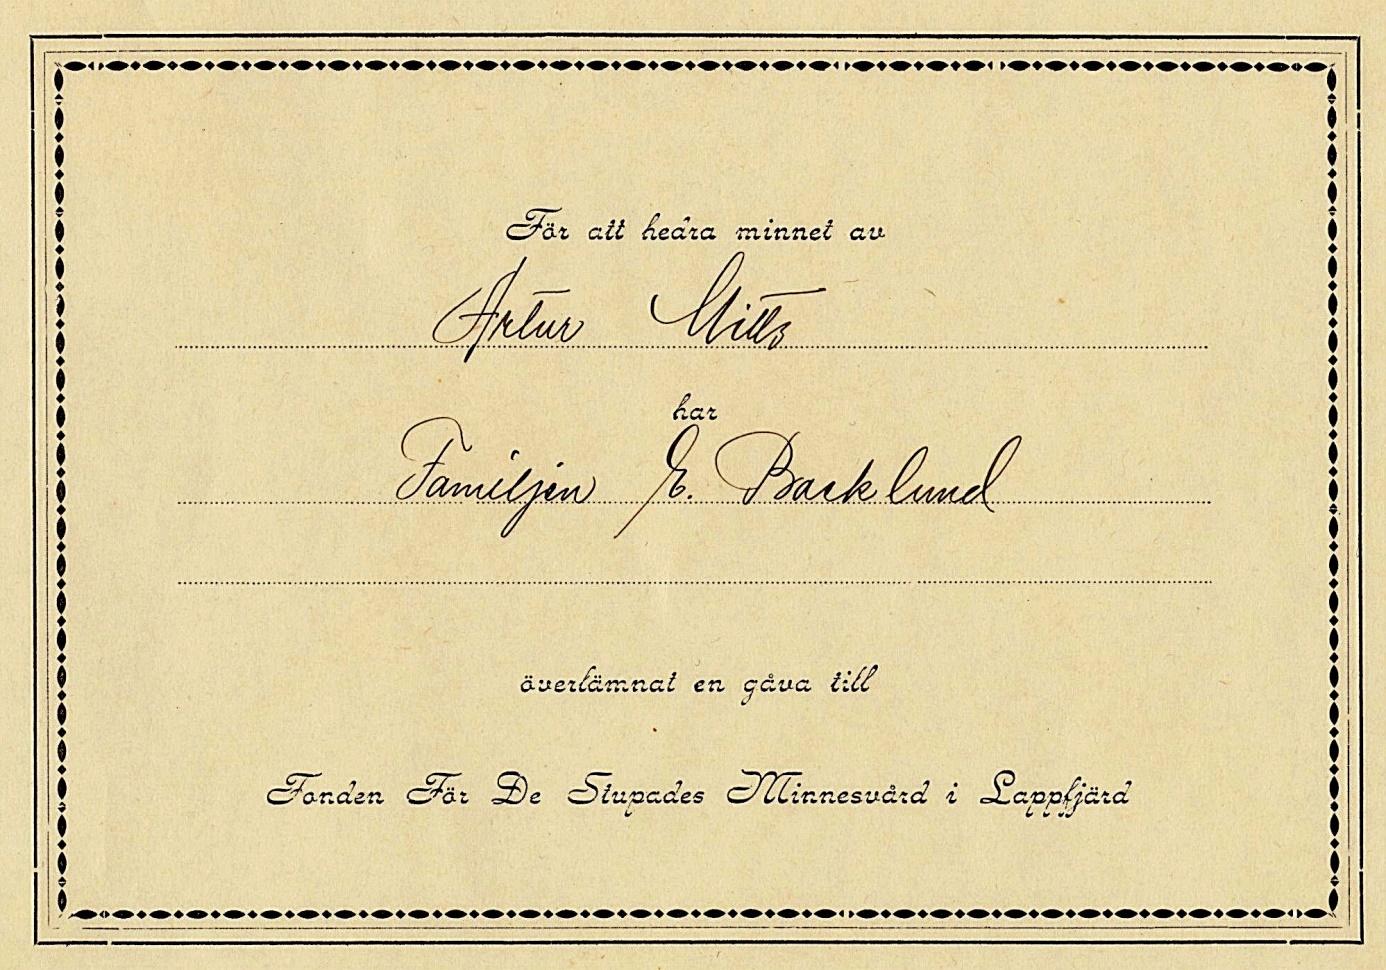 Fondkorten som trycktes upp var dubbelvikta, 14 cm höga och 20 cm breda.